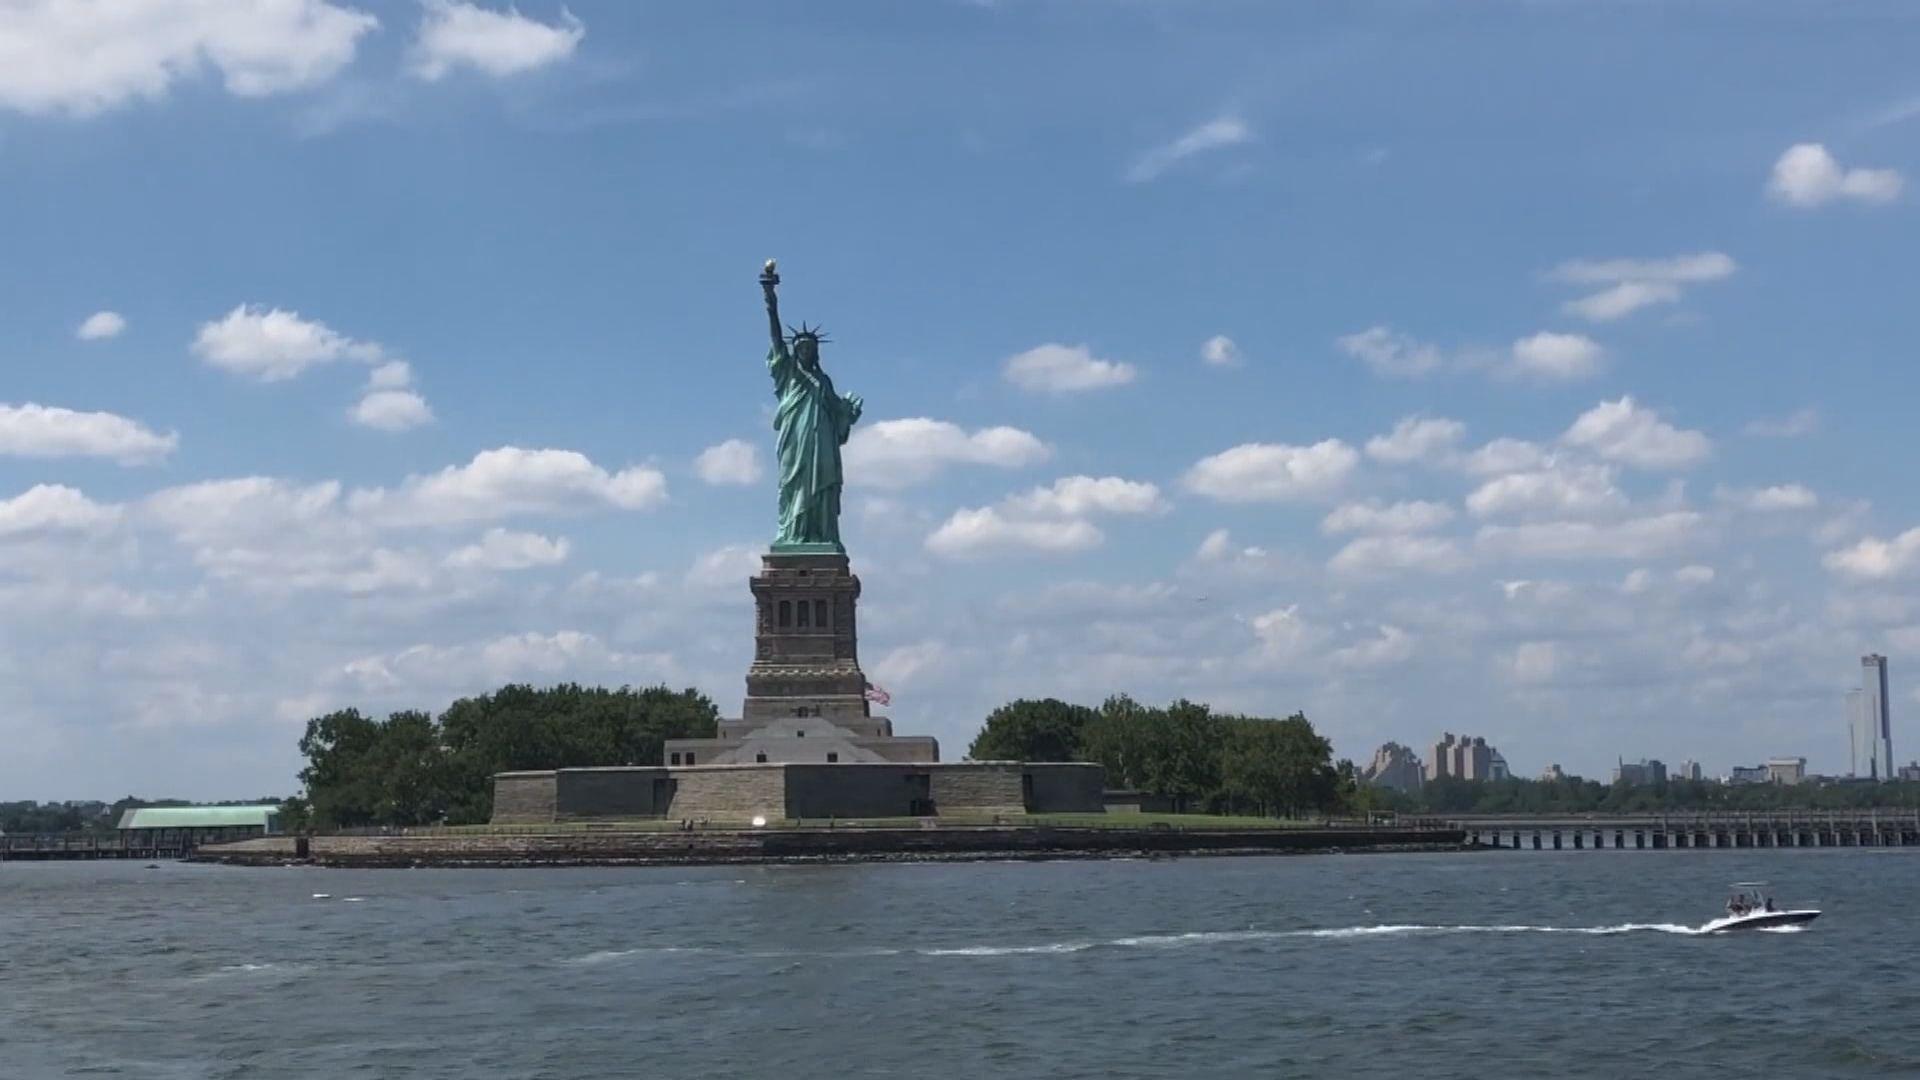 紐約市周一第四階段重啟 民眾可進行低風險室外娛樂活動